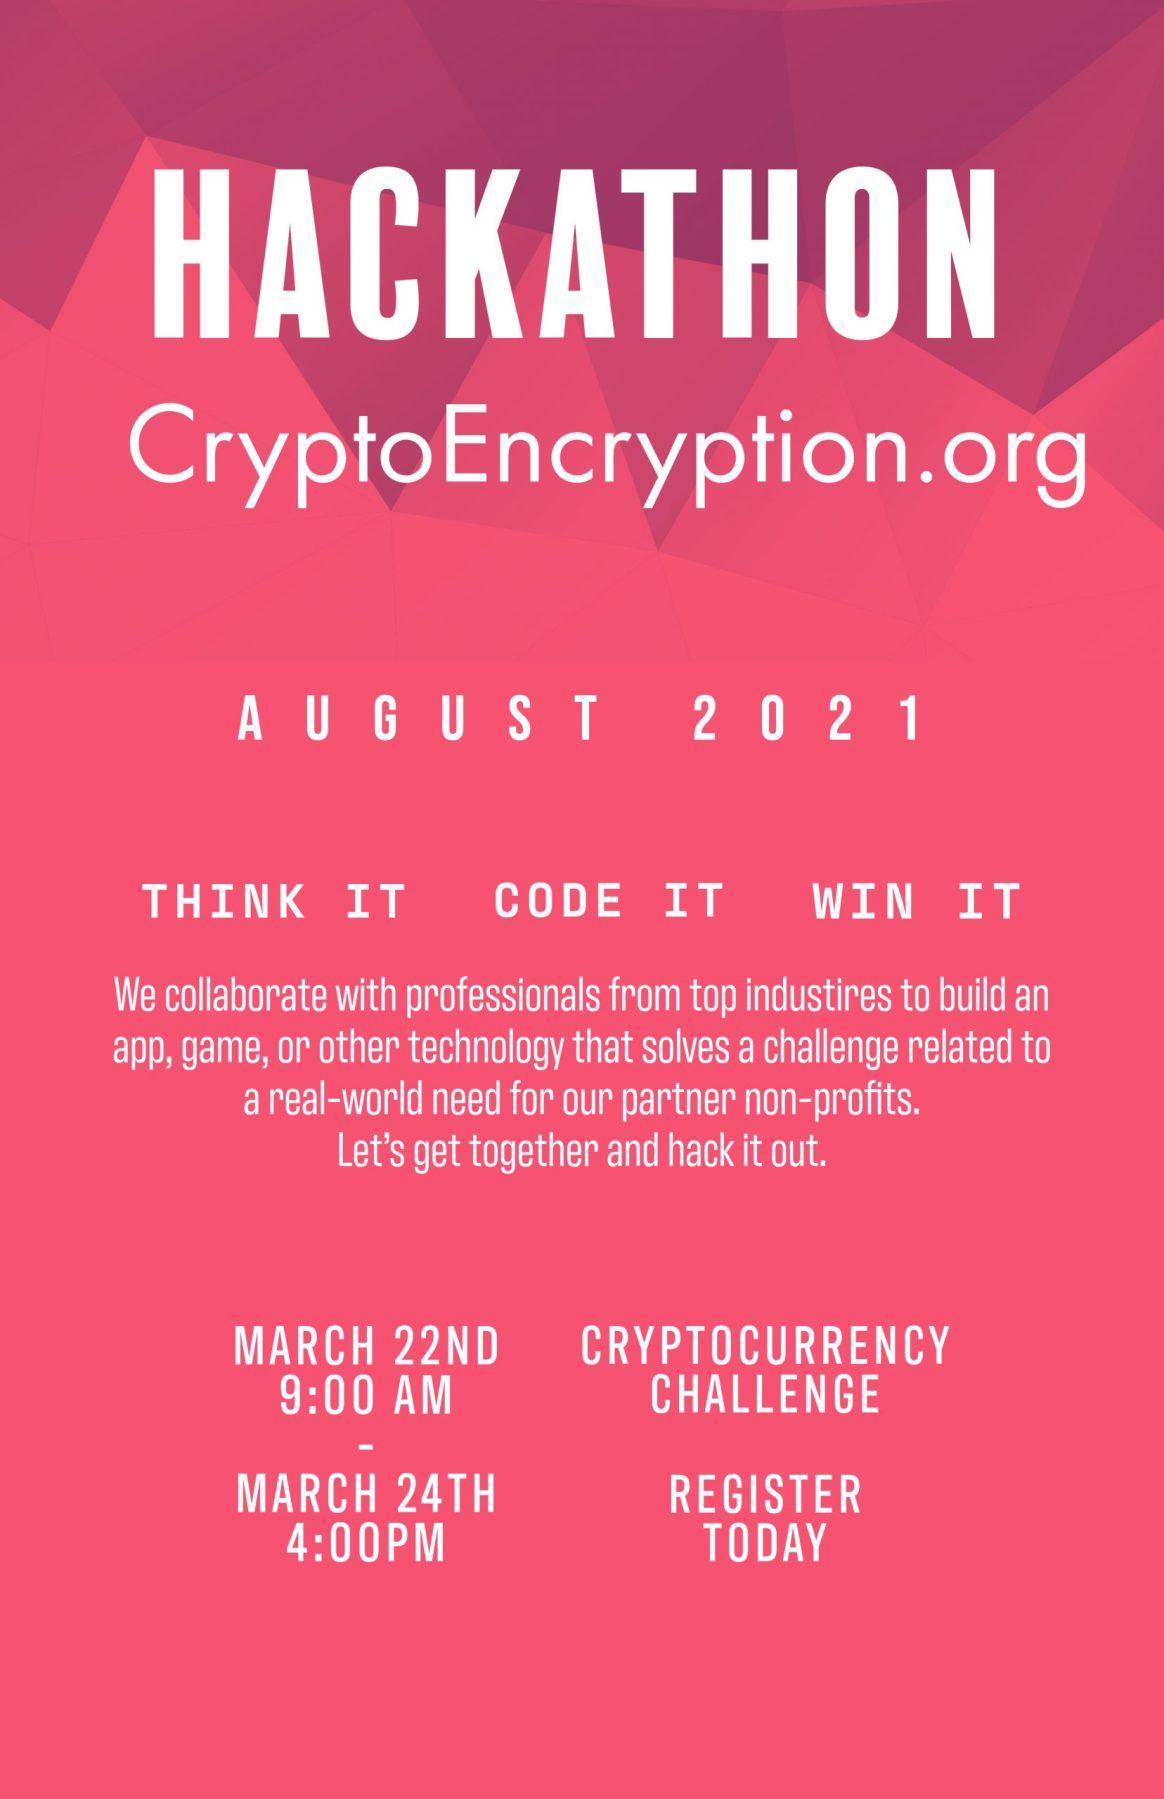 crypto encryption